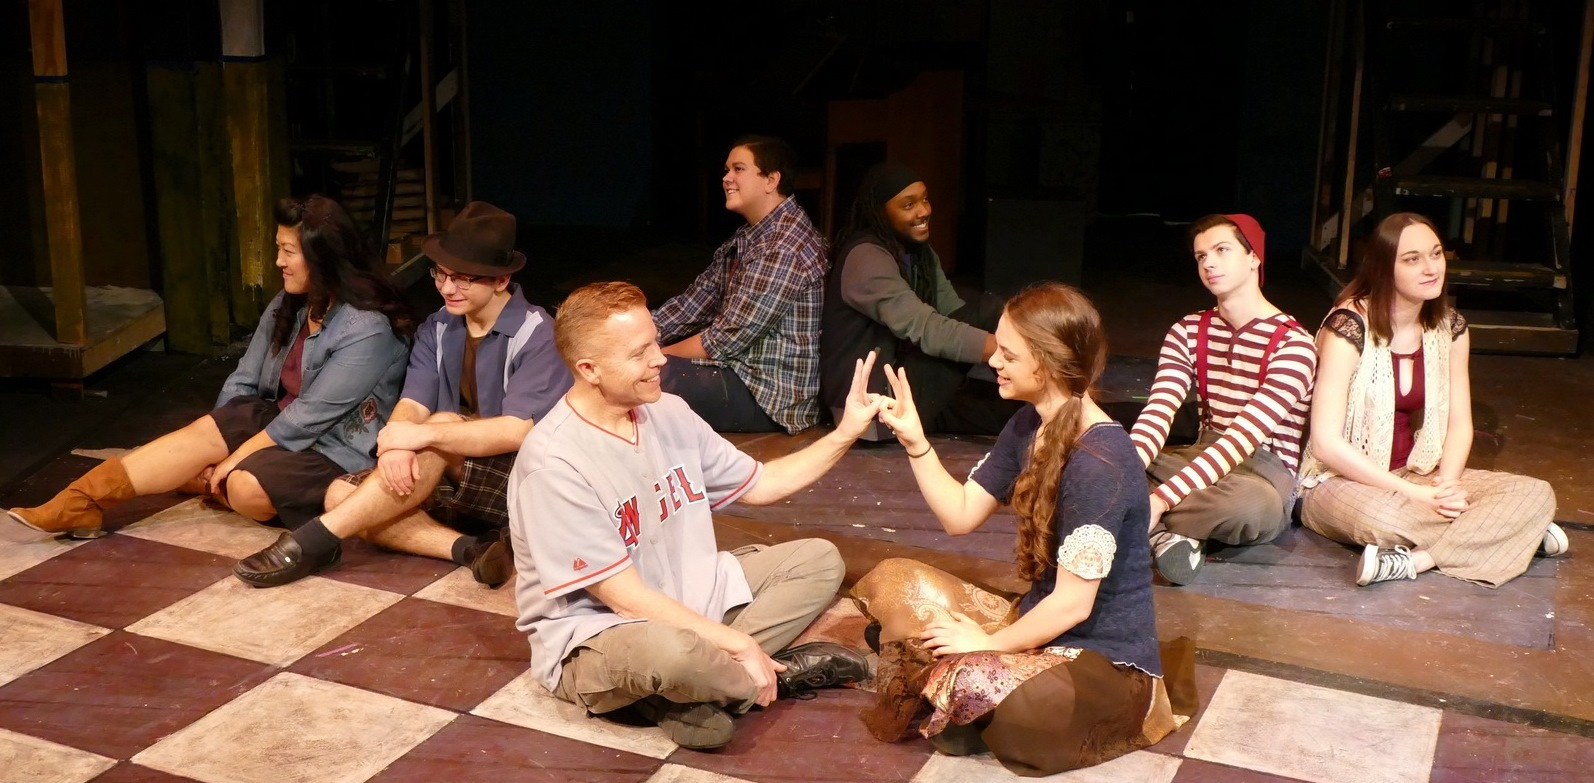 front:  Rick Dawson, Kiara Durbin middle: Michelle Cha, Noah Furin, Michael Stolar, Kara Mincik back: Nick Salazar, Isaiah Blue